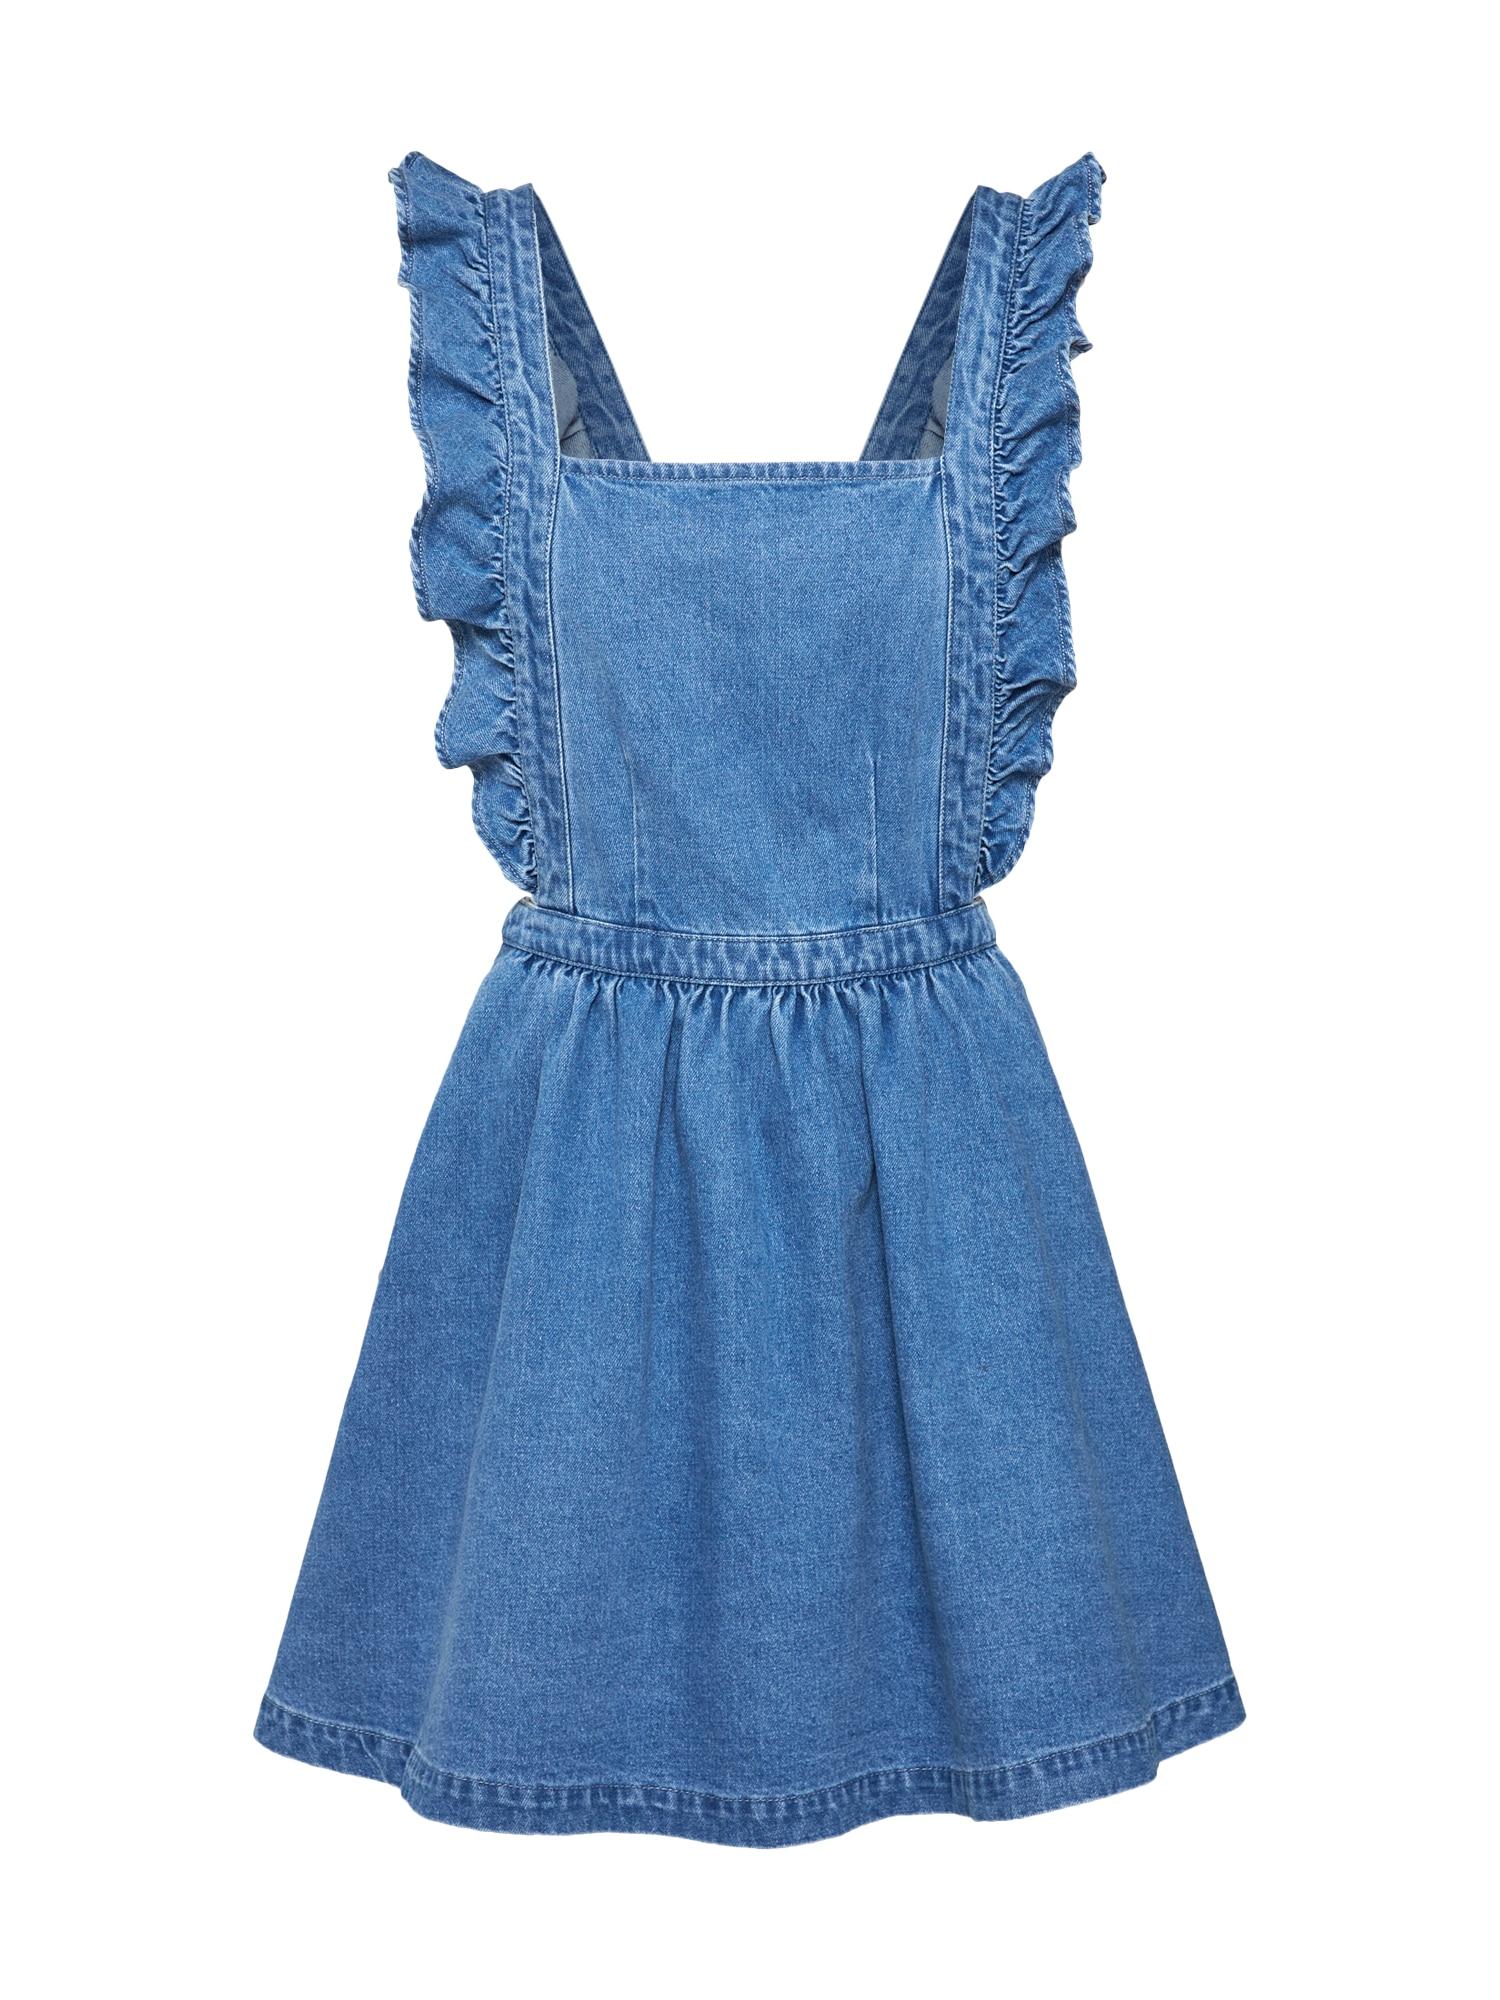 Laclová sukně CROSSBACK DENIM modrá džínovina Review